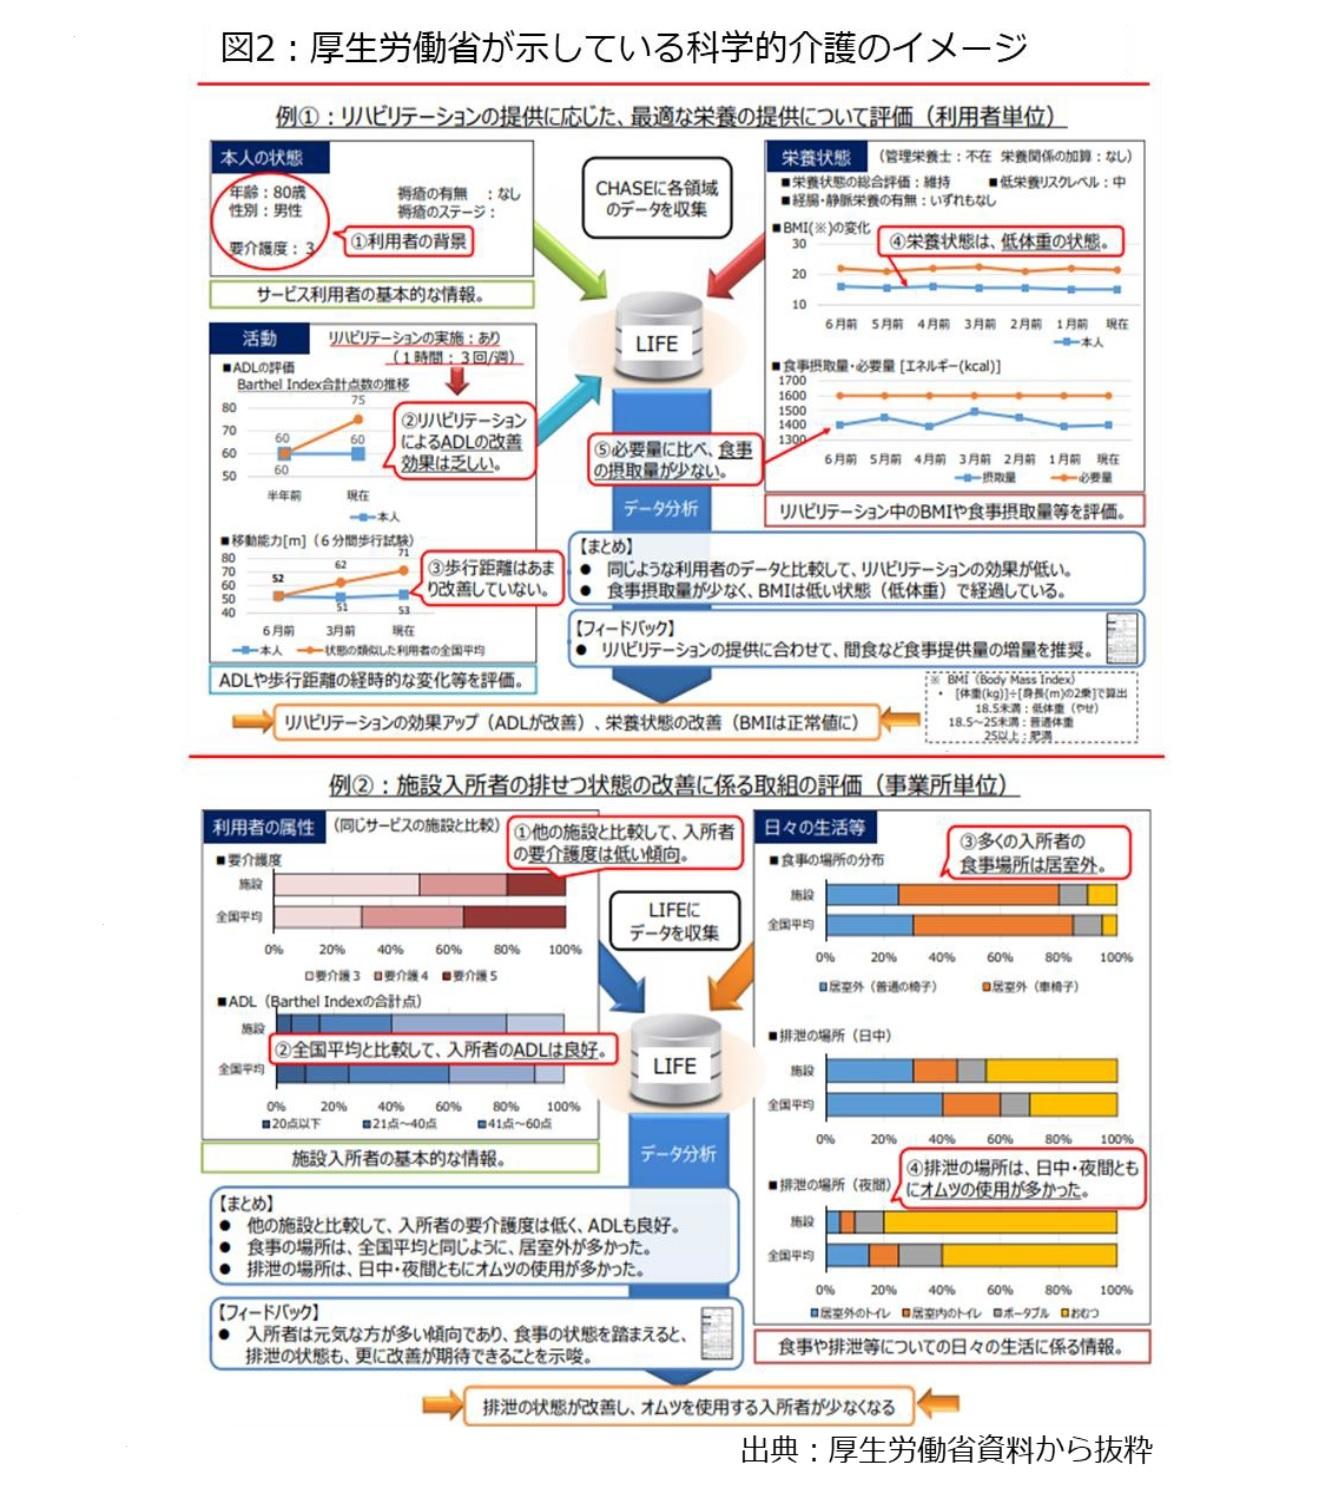 図2:厚生労働省が示している科学的介護のイメージ